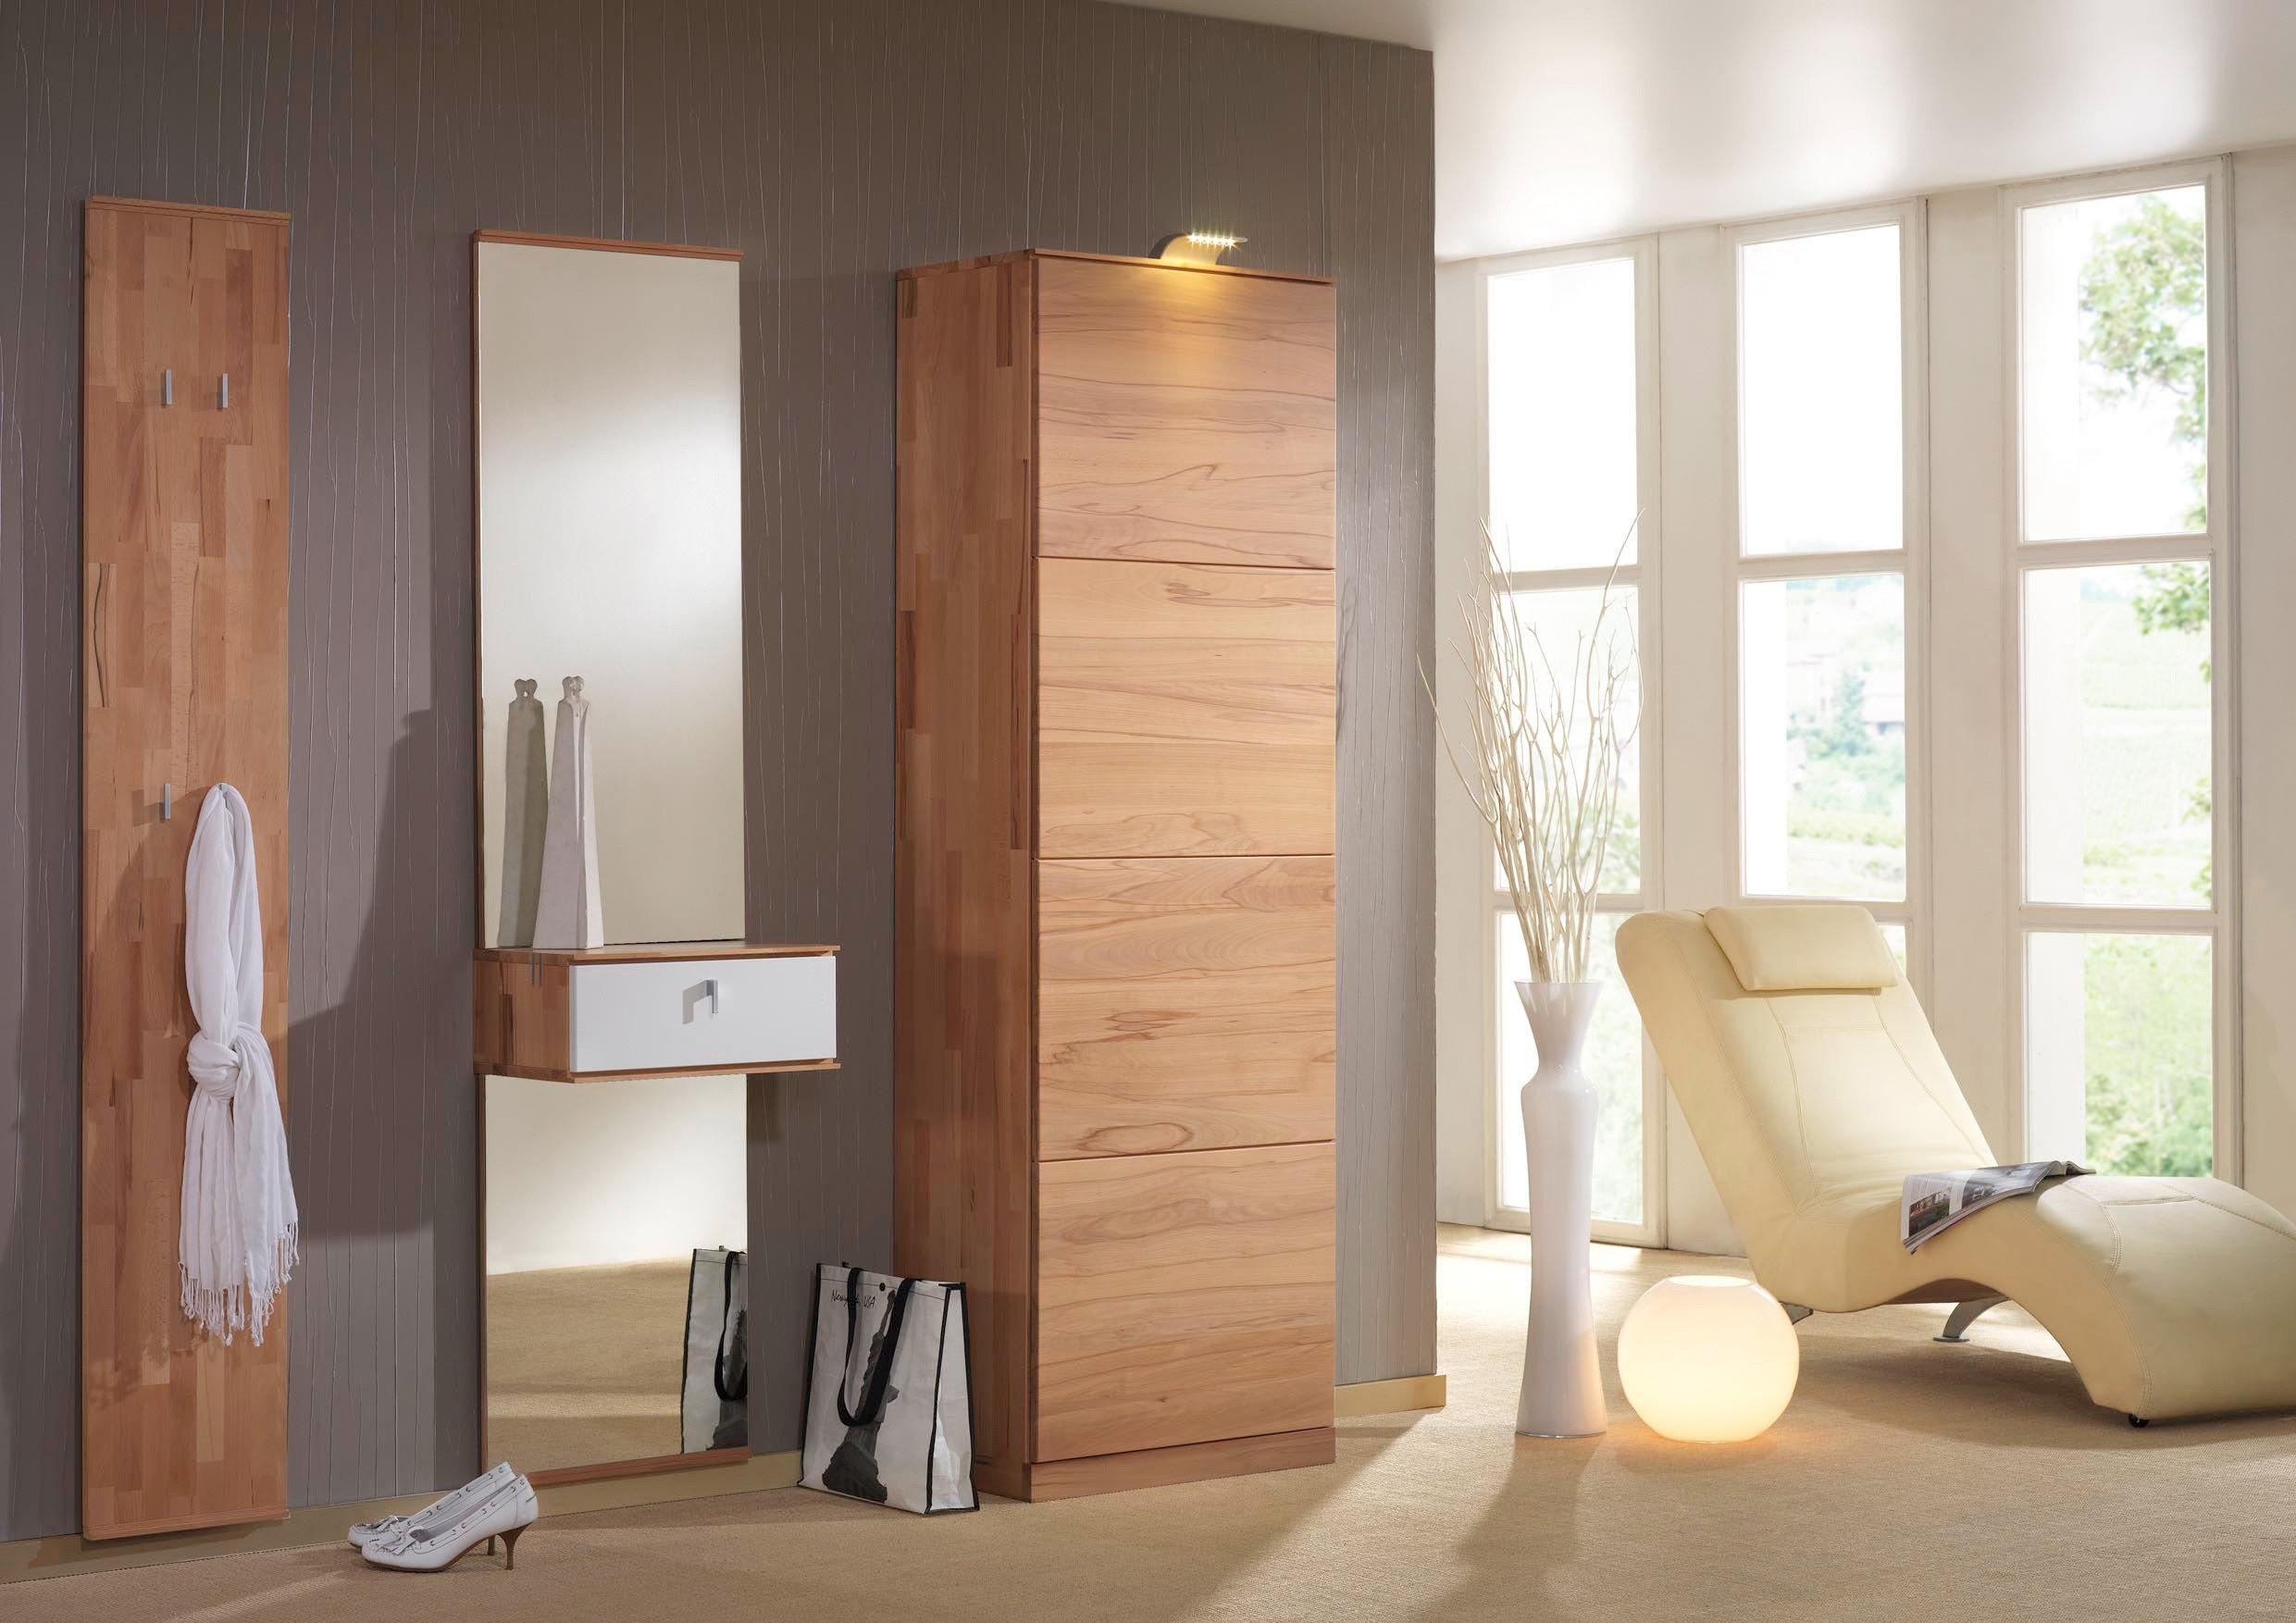 vado von bienenm hle garderobe set 6 dielenm bel und. Black Bedroom Furniture Sets. Home Design Ideas